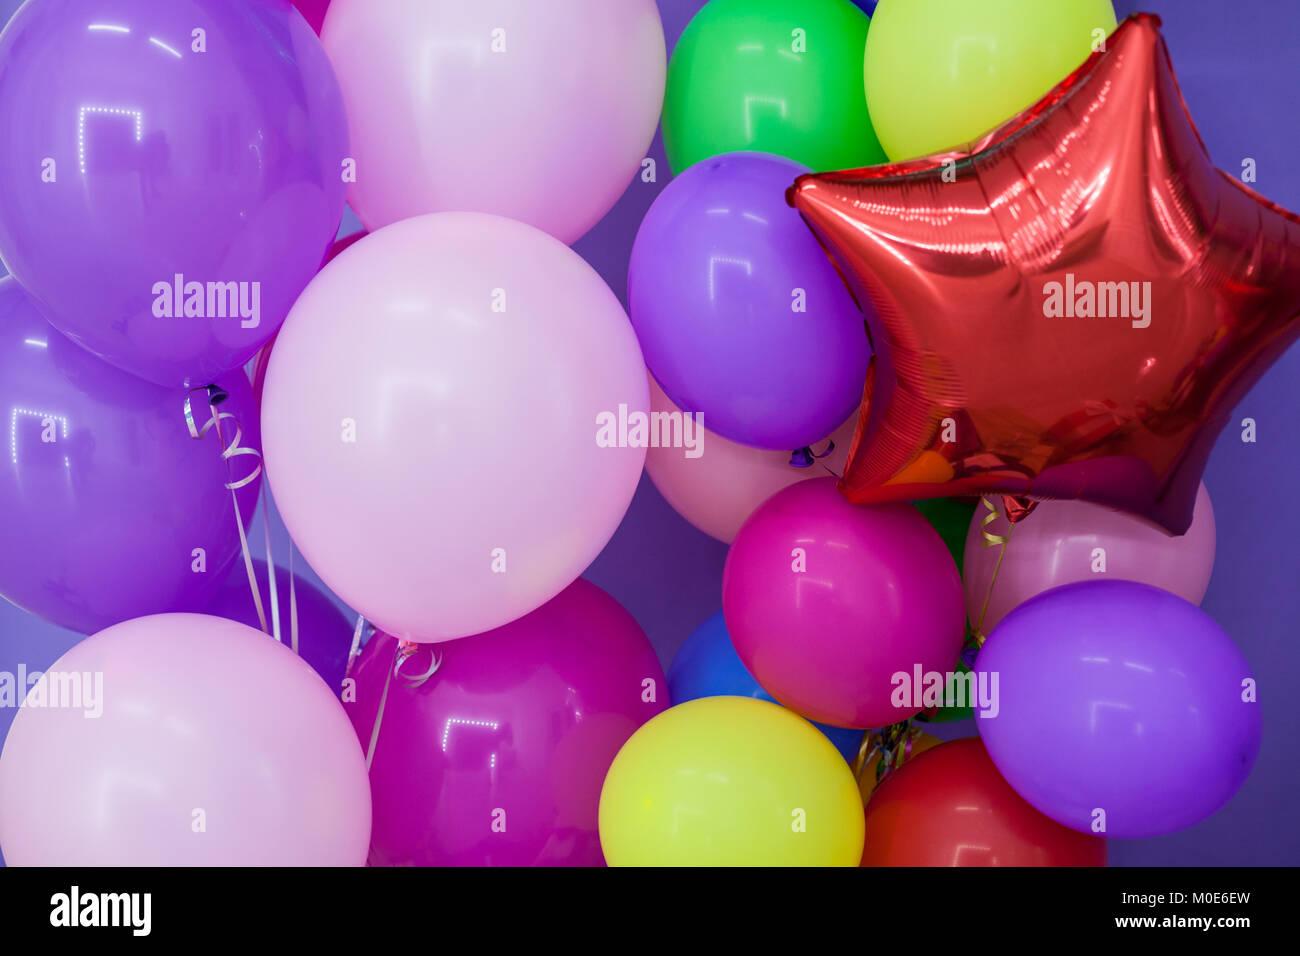 Schön Geburtstag Ballon Färbung Seite Zeitgenössisch - Malvorlagen ...